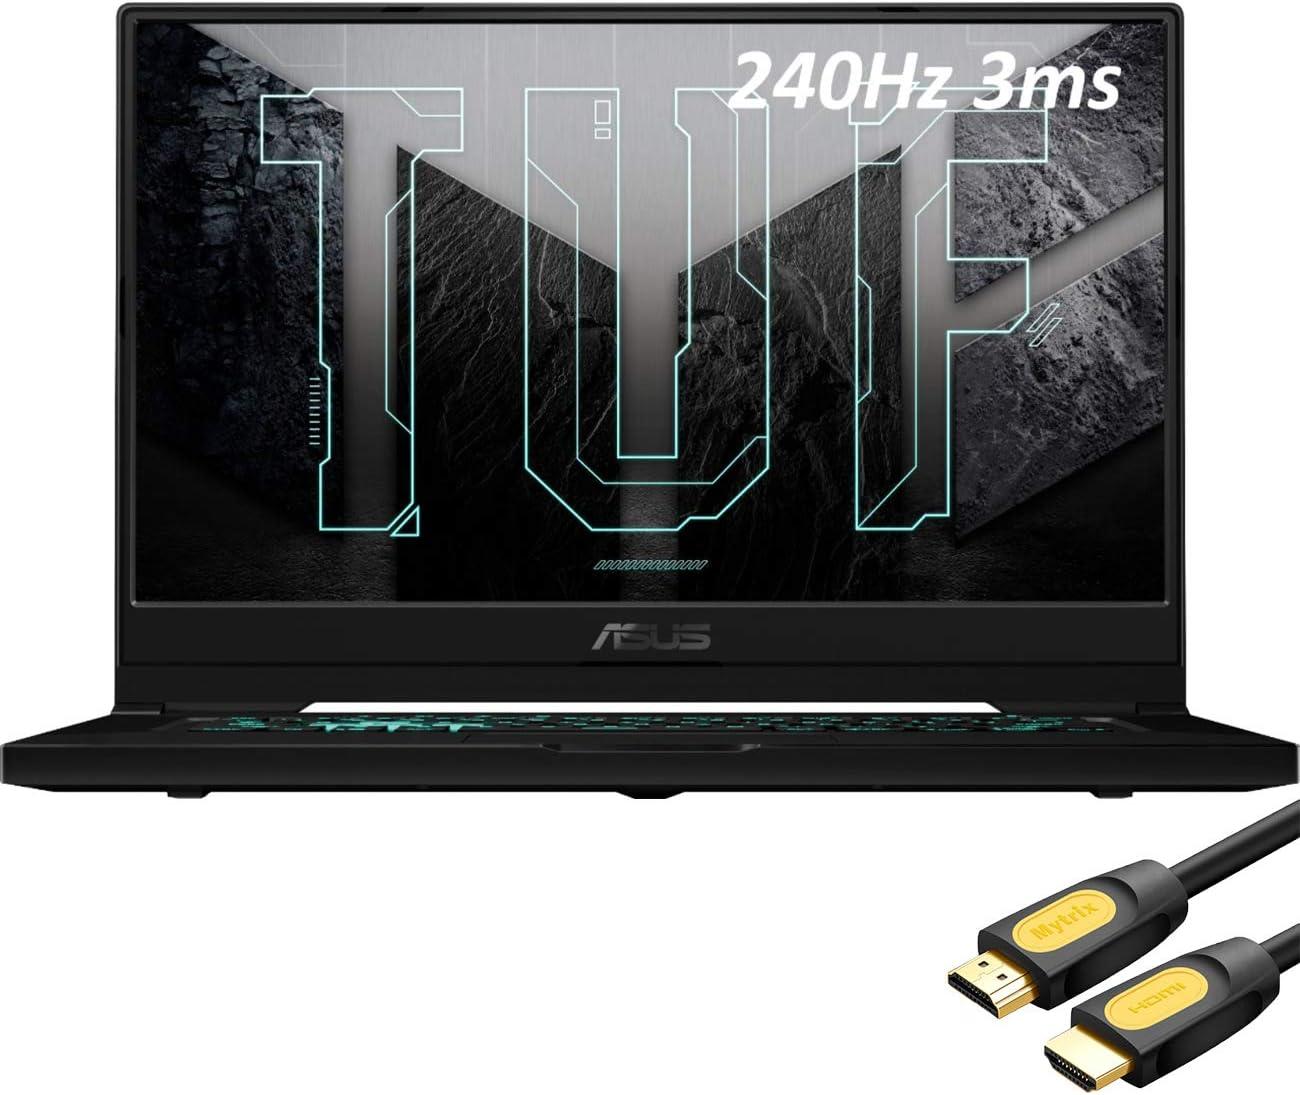 2021 ASUS_ TUF 3070 Gaming Laptop, 240Hz 3ms FHD 15.6